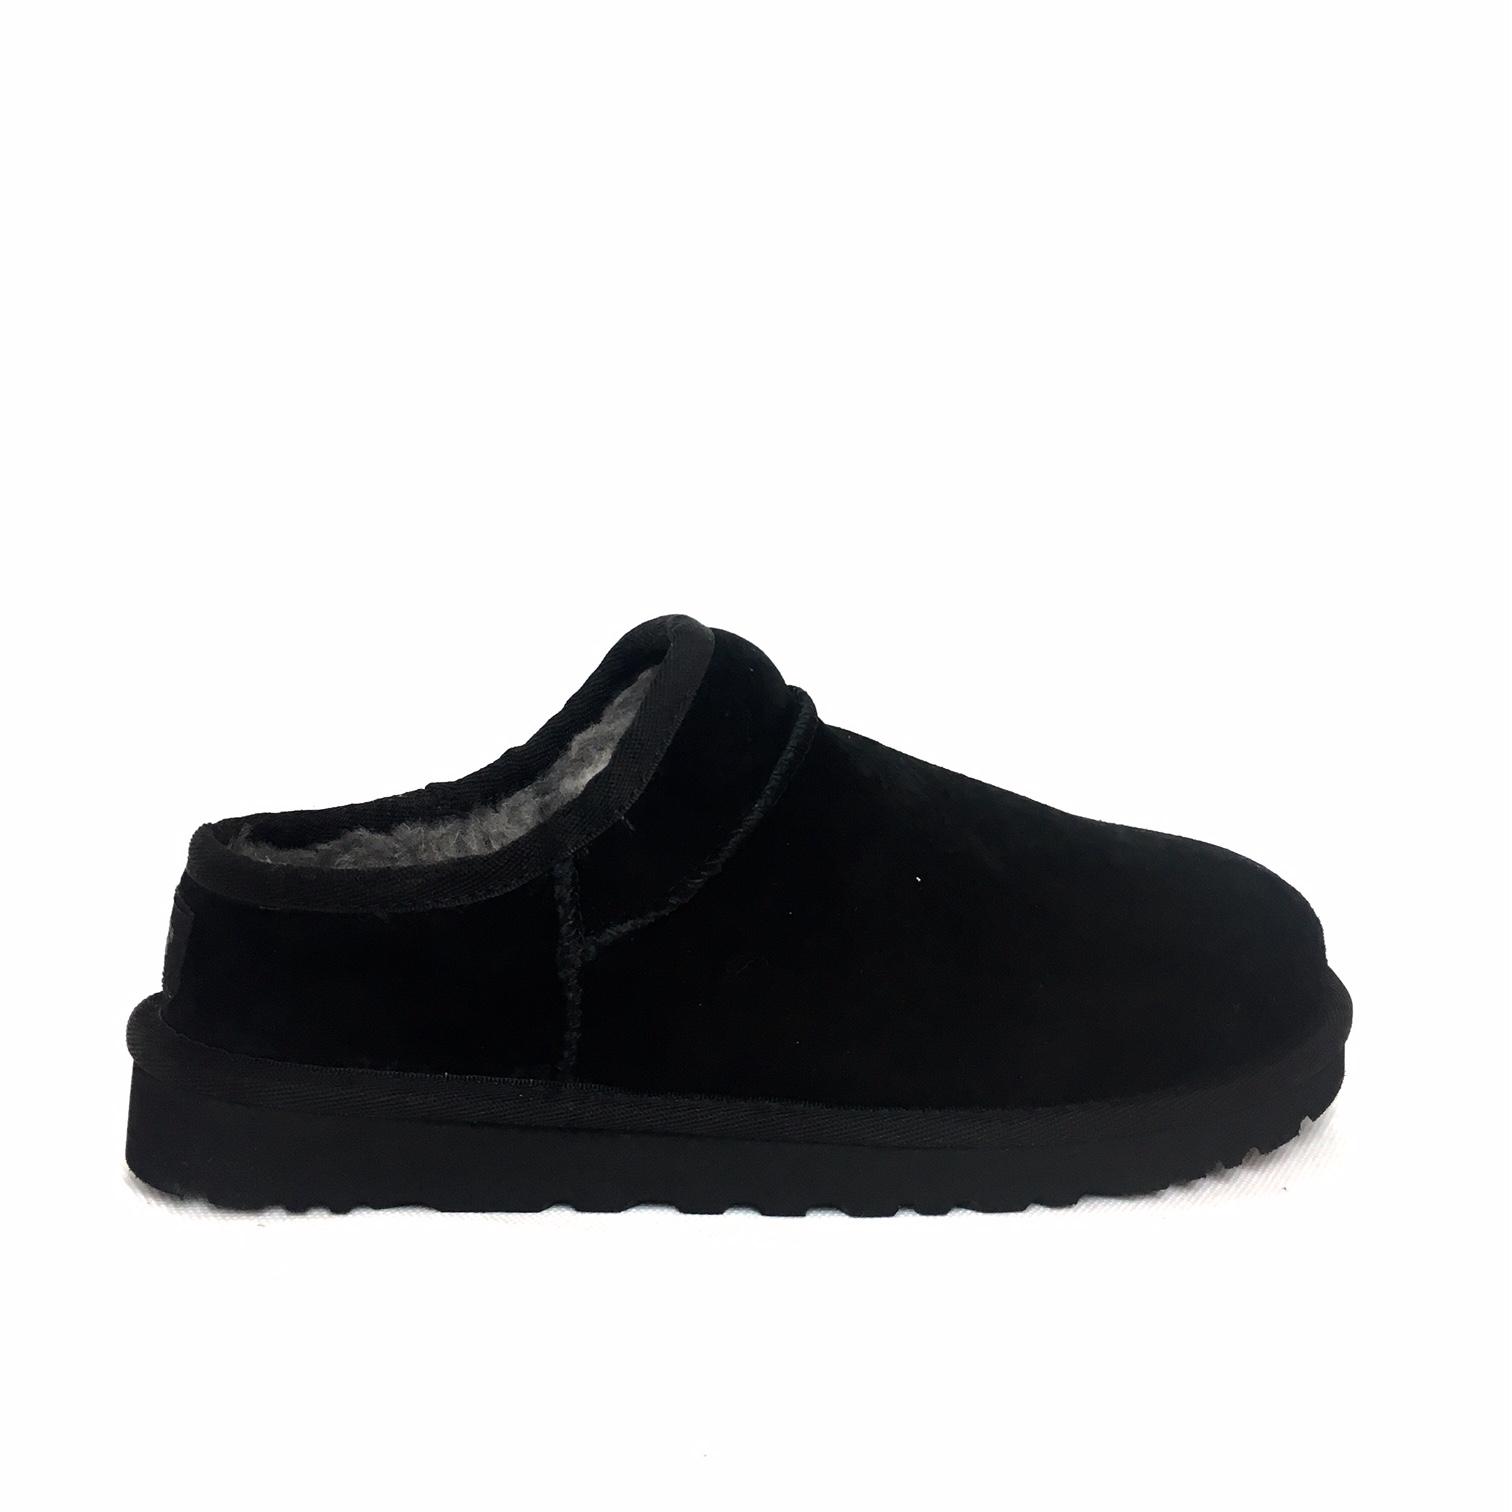 e906a3e3ea UGG classic slipper black – La Griffe calzature